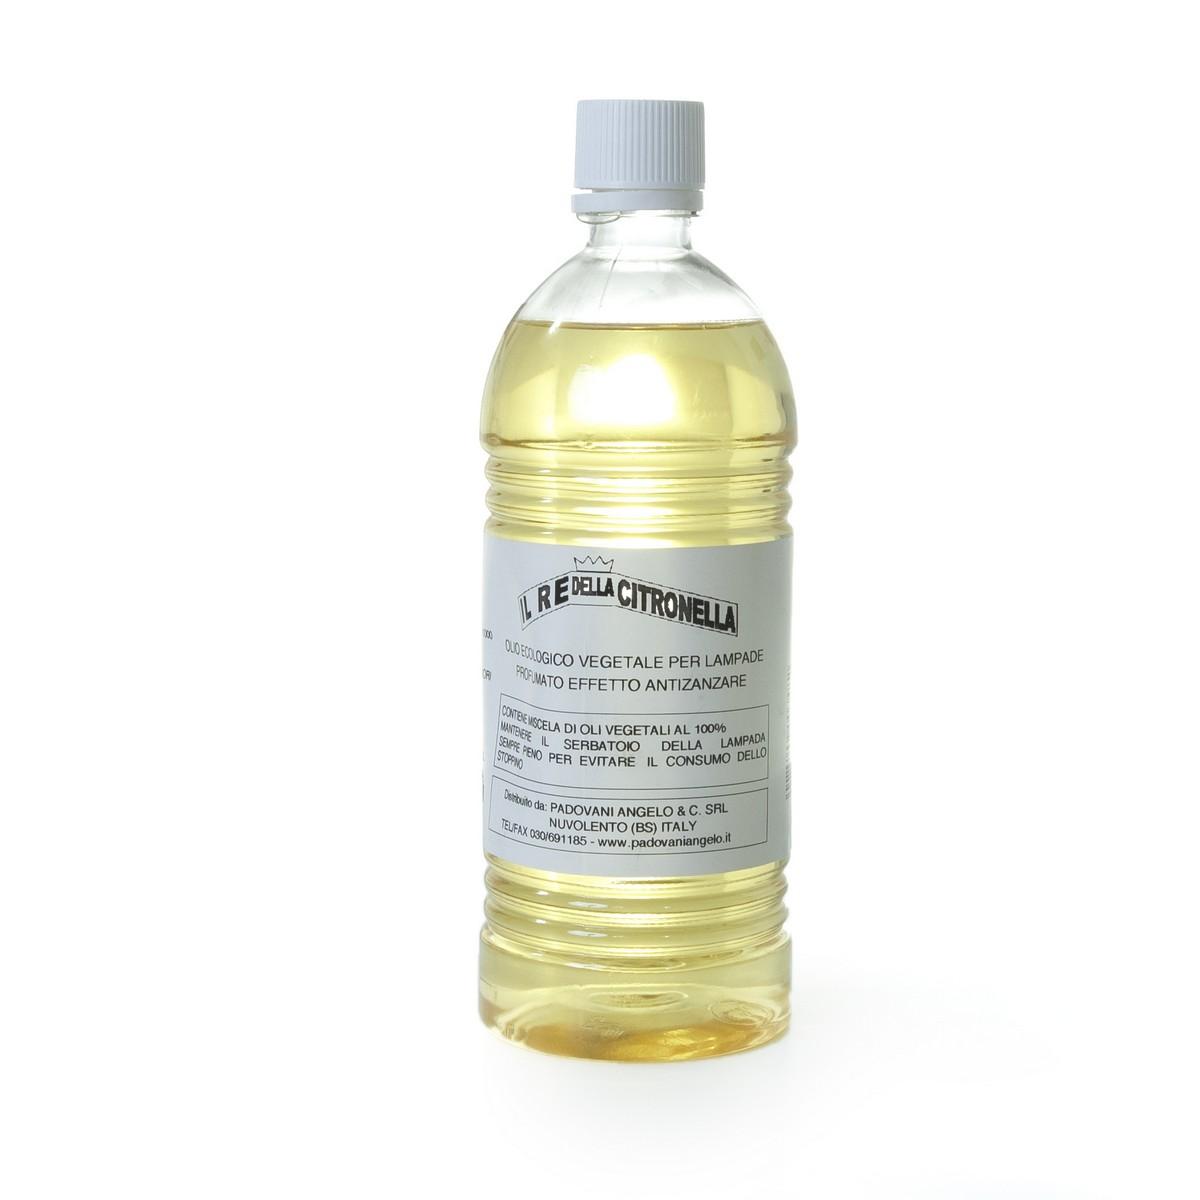 https://padovaniangelo.it/wp-content/uploads/2020/08/accessori-citronella-1litro.jpg